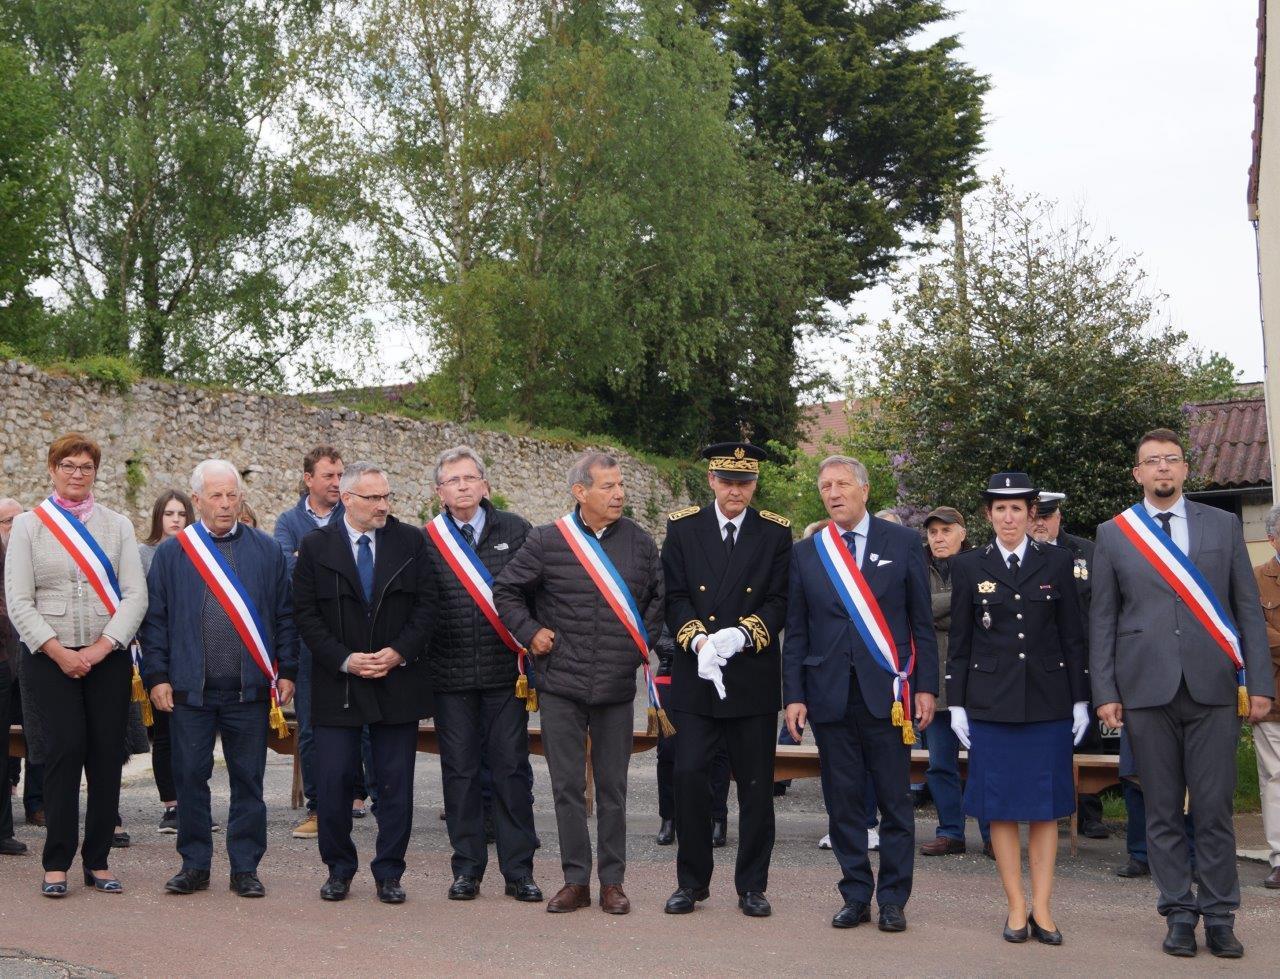 De gauche à droite : Jacqueline Picart, Claude Picart, Dominique Moyse, Daniel Girardin, Bruno Lahouati, Ronan Léaustic, Jacques Krabal, Daphnée Texier et Olivier Casside.